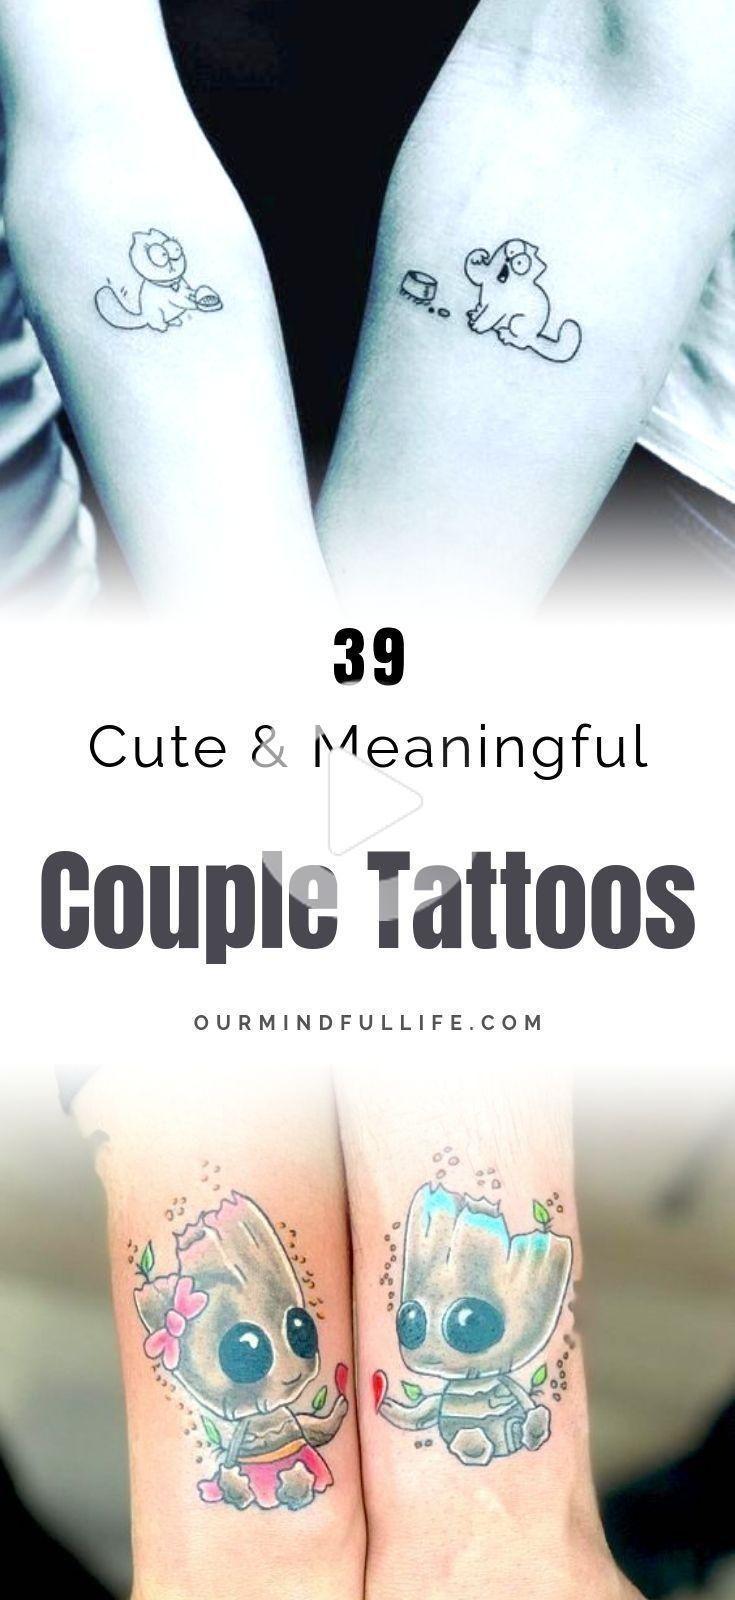 112 Pareja Romantica Sin Remedio Tatuajes Que Son Mejor Que Un Anillo In 2020 Meaningful Tattoos For Couples Romantic Couples Tattoos Married Couple Tattoos